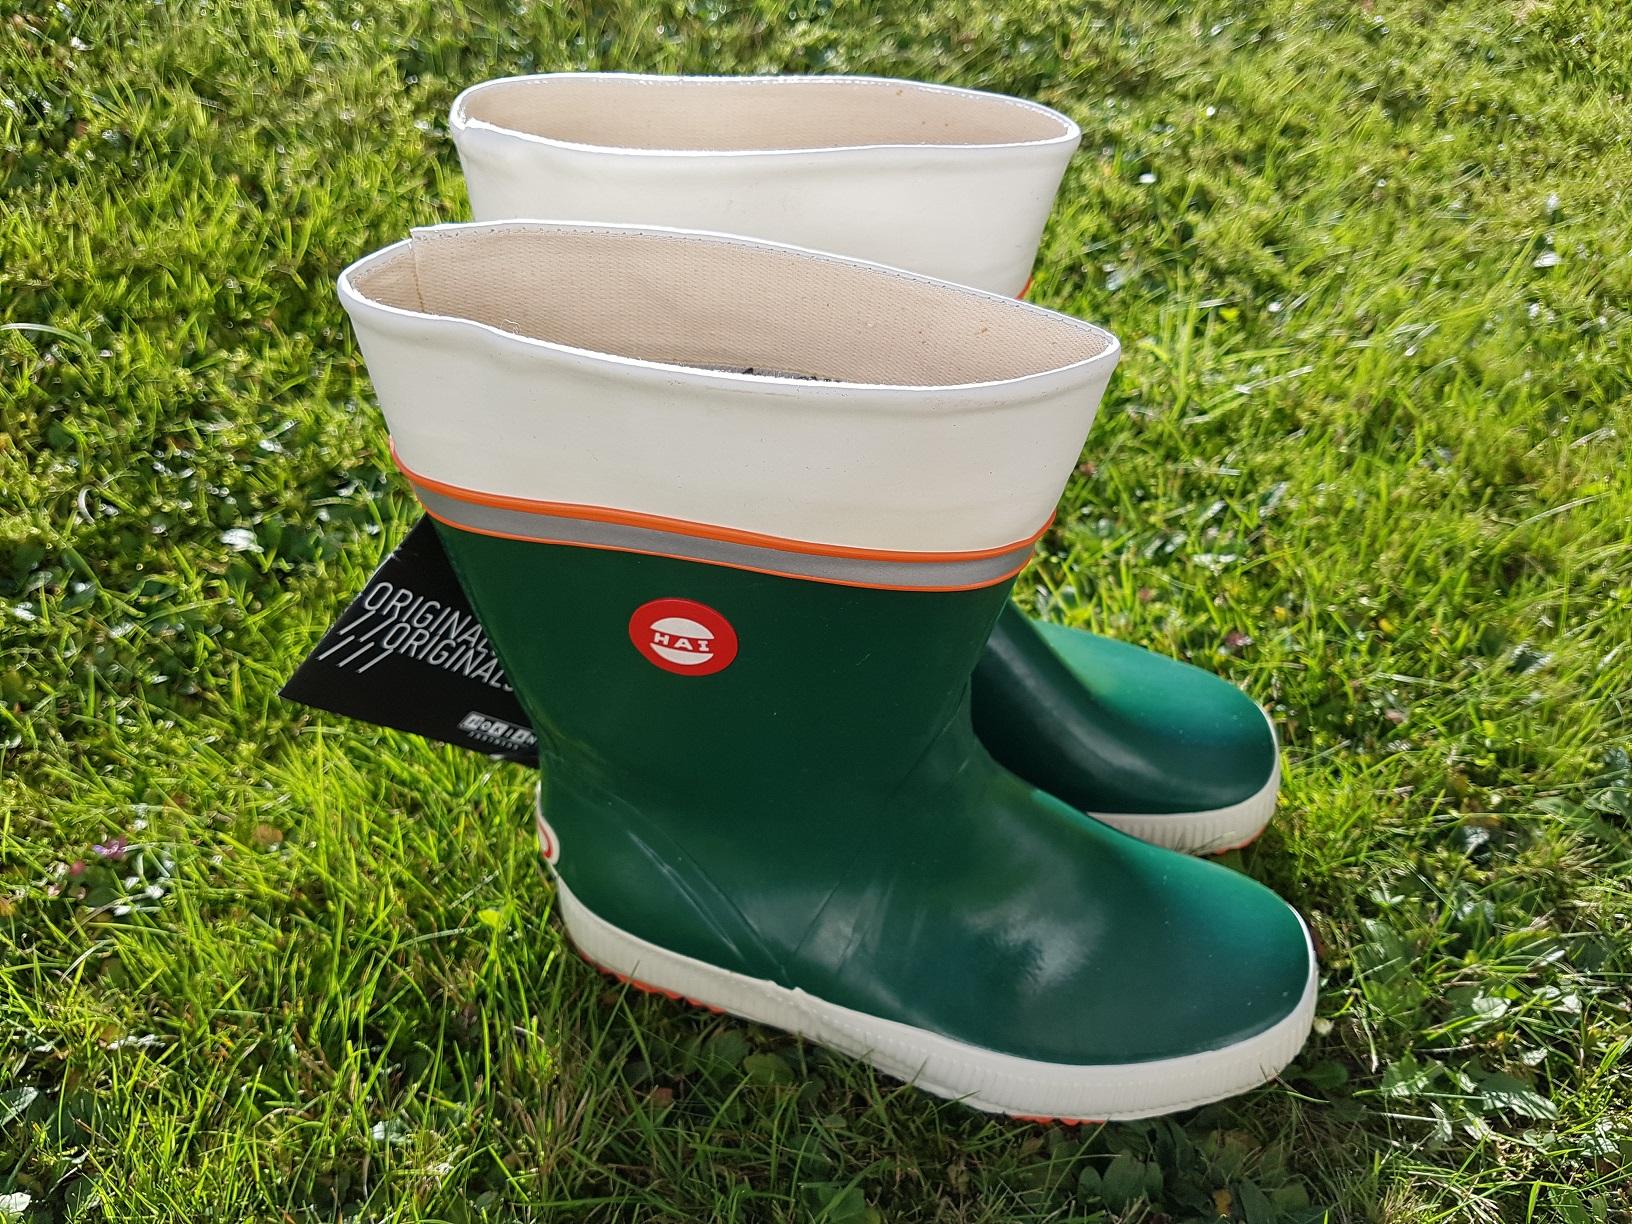 Hai Stiefel Green Tricolor, Größe 39